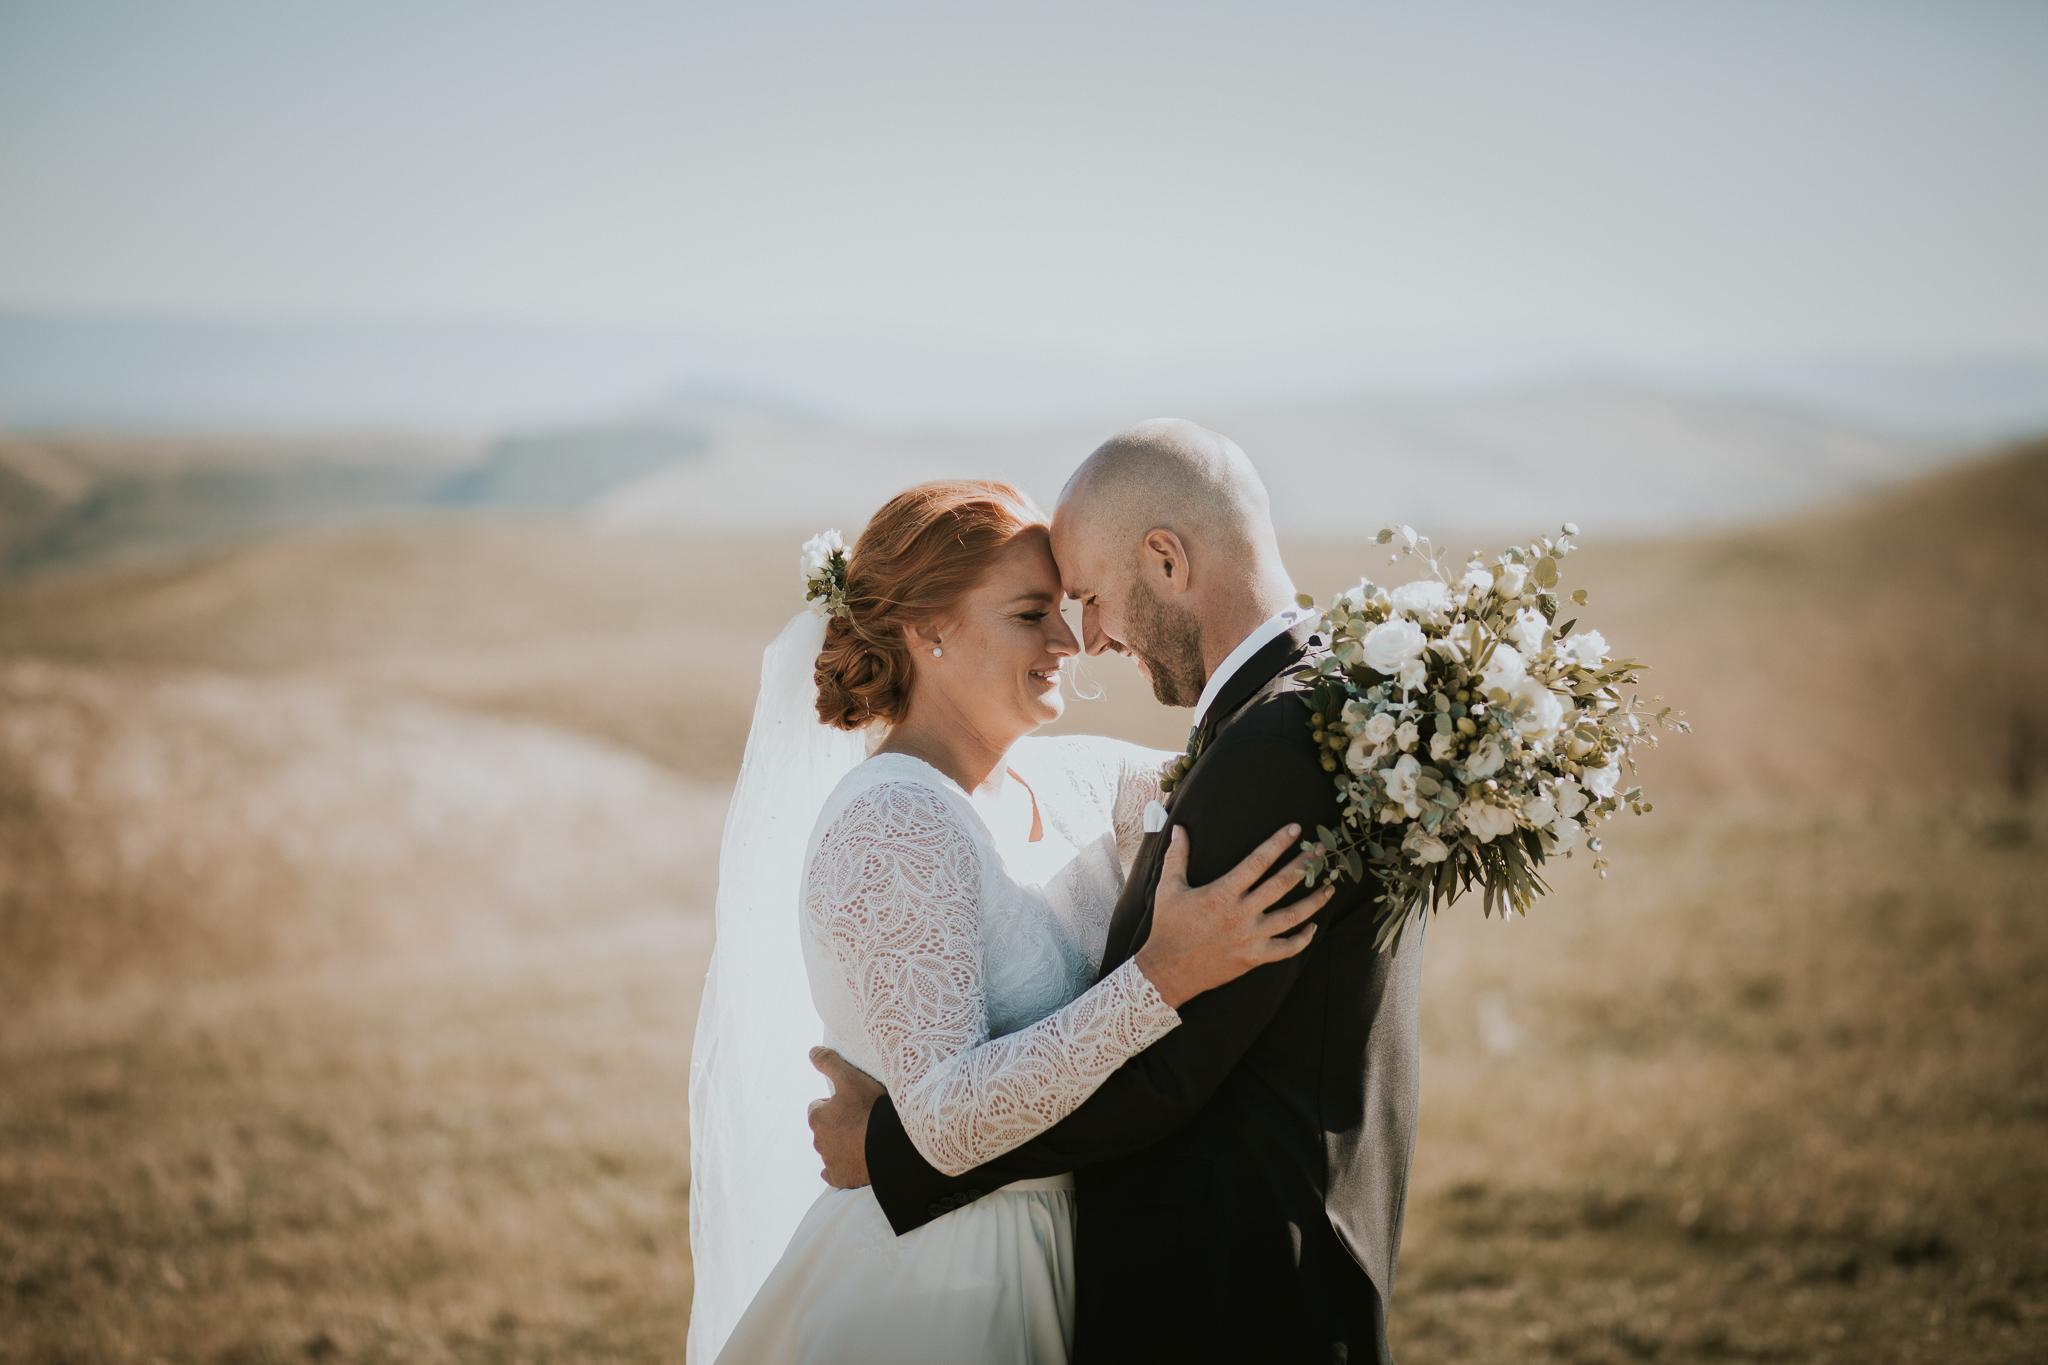 wedding photographer hawkes bay , Lisa Fisher Photography, Selini Winery Wedding -68.jpg